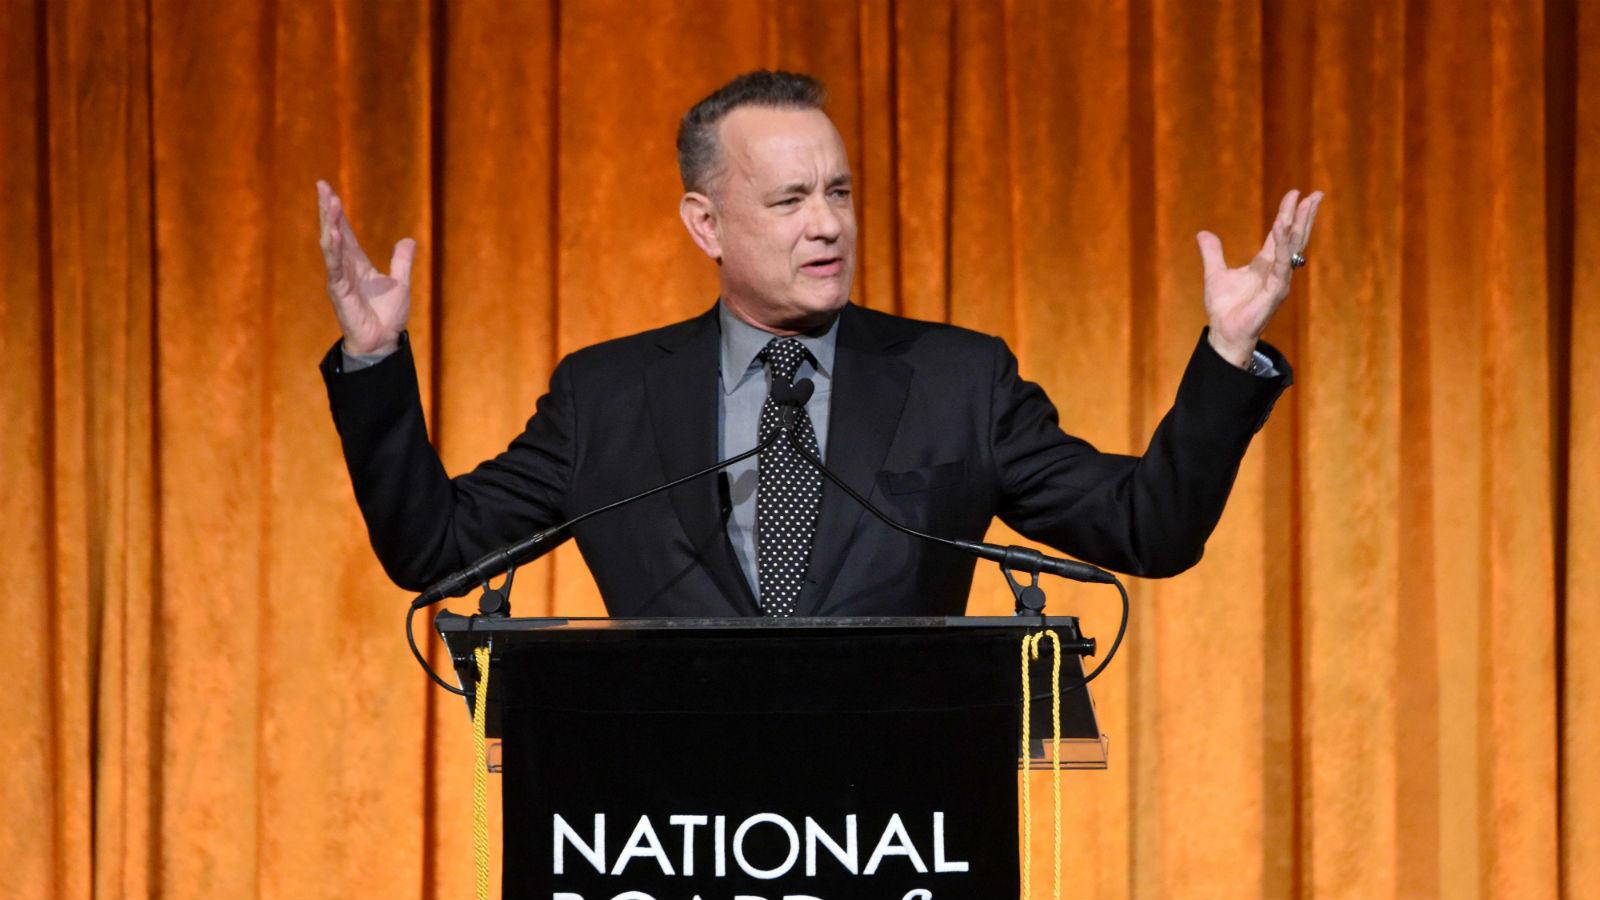 Őt se igen kell bemutatni. A producerként is ismert Tom Hanks ugyan beiratkozott a California State University-re, ám végül nem diplomázott le, helyette elment gyakornoknak a Great Lakes Theater Festivalra. A többek között számtalan remek dokumentumfilmet is jegyző színész két, az 1994-es Philadelphiában és az 1995-ös Forrest Gumpban nyújtott alakításáért kapott Oscar-díjat. (REX/ Shutterstock)